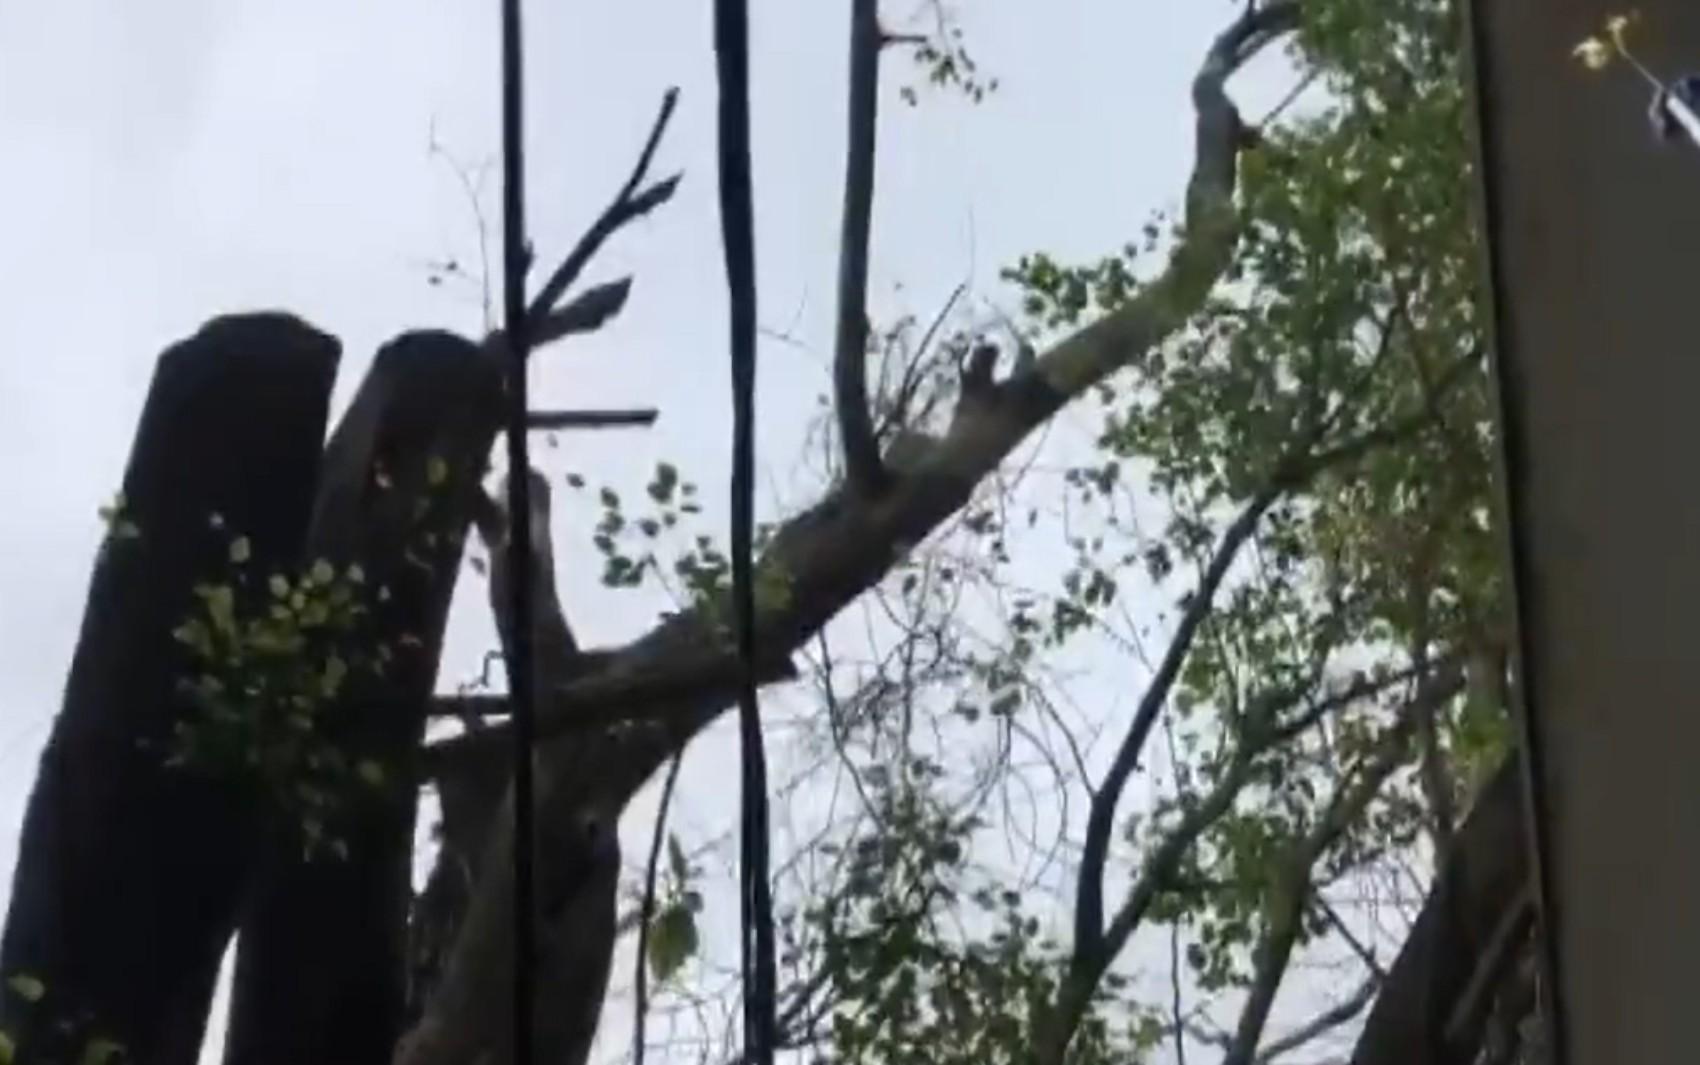 Árvore cai e atinge quatro casas no bairro do Rio Vermelho, em Salvador